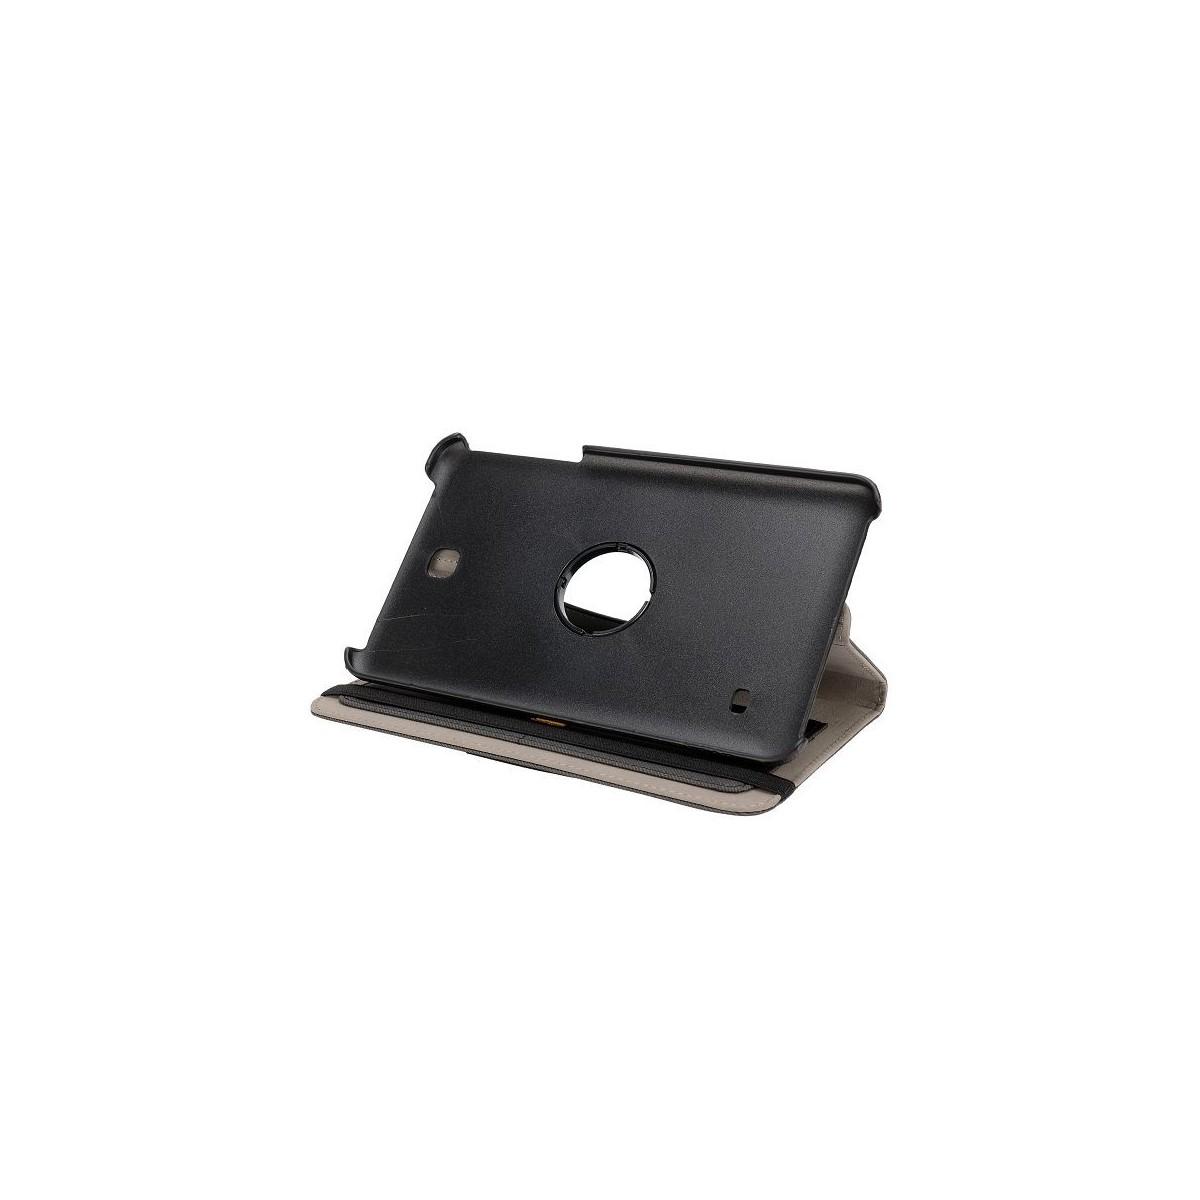 Etui Galaxy Tab 4 8.0 Rotatif 360° Simili-cuir Gris